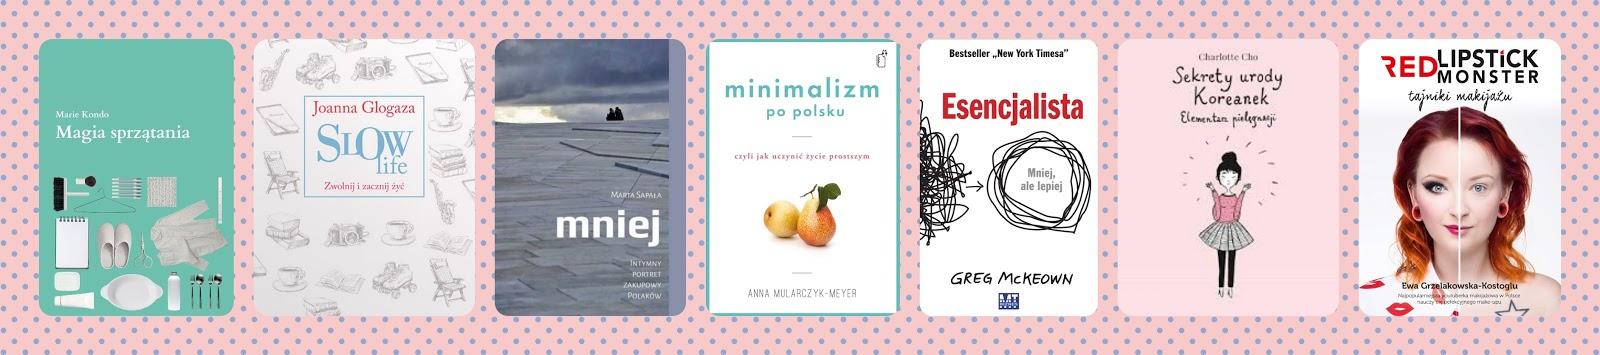 slow tbr lista książek slow life minimalizm magia sprzątania mniej sapała glogaza kondo sekrety urody koreanek red lipstick monster esencjalista